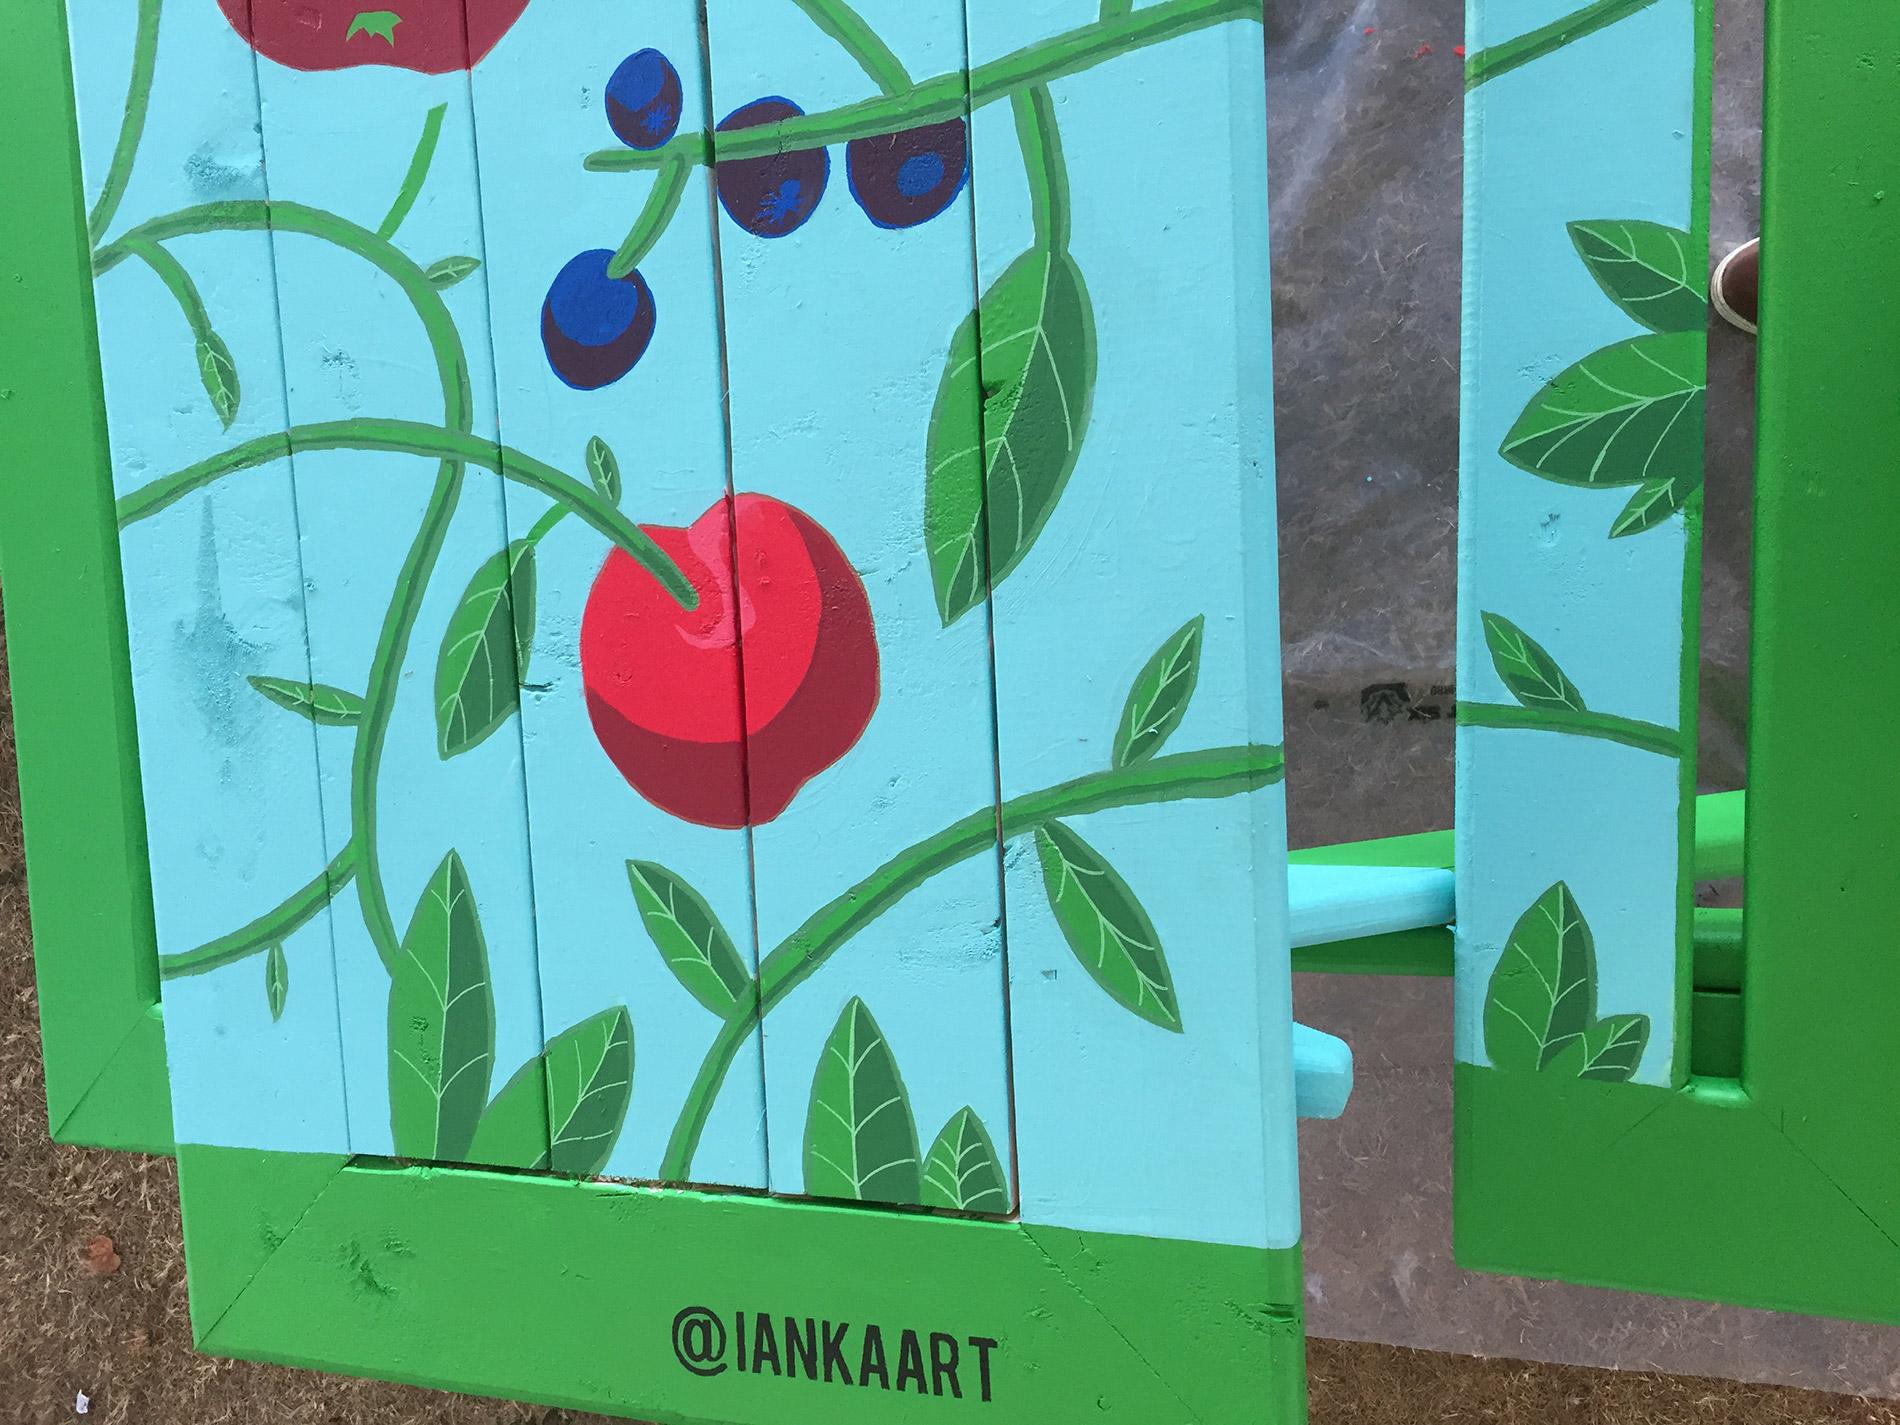 ian-kaart--skookum-festival--picnic-table-mural2.jpg